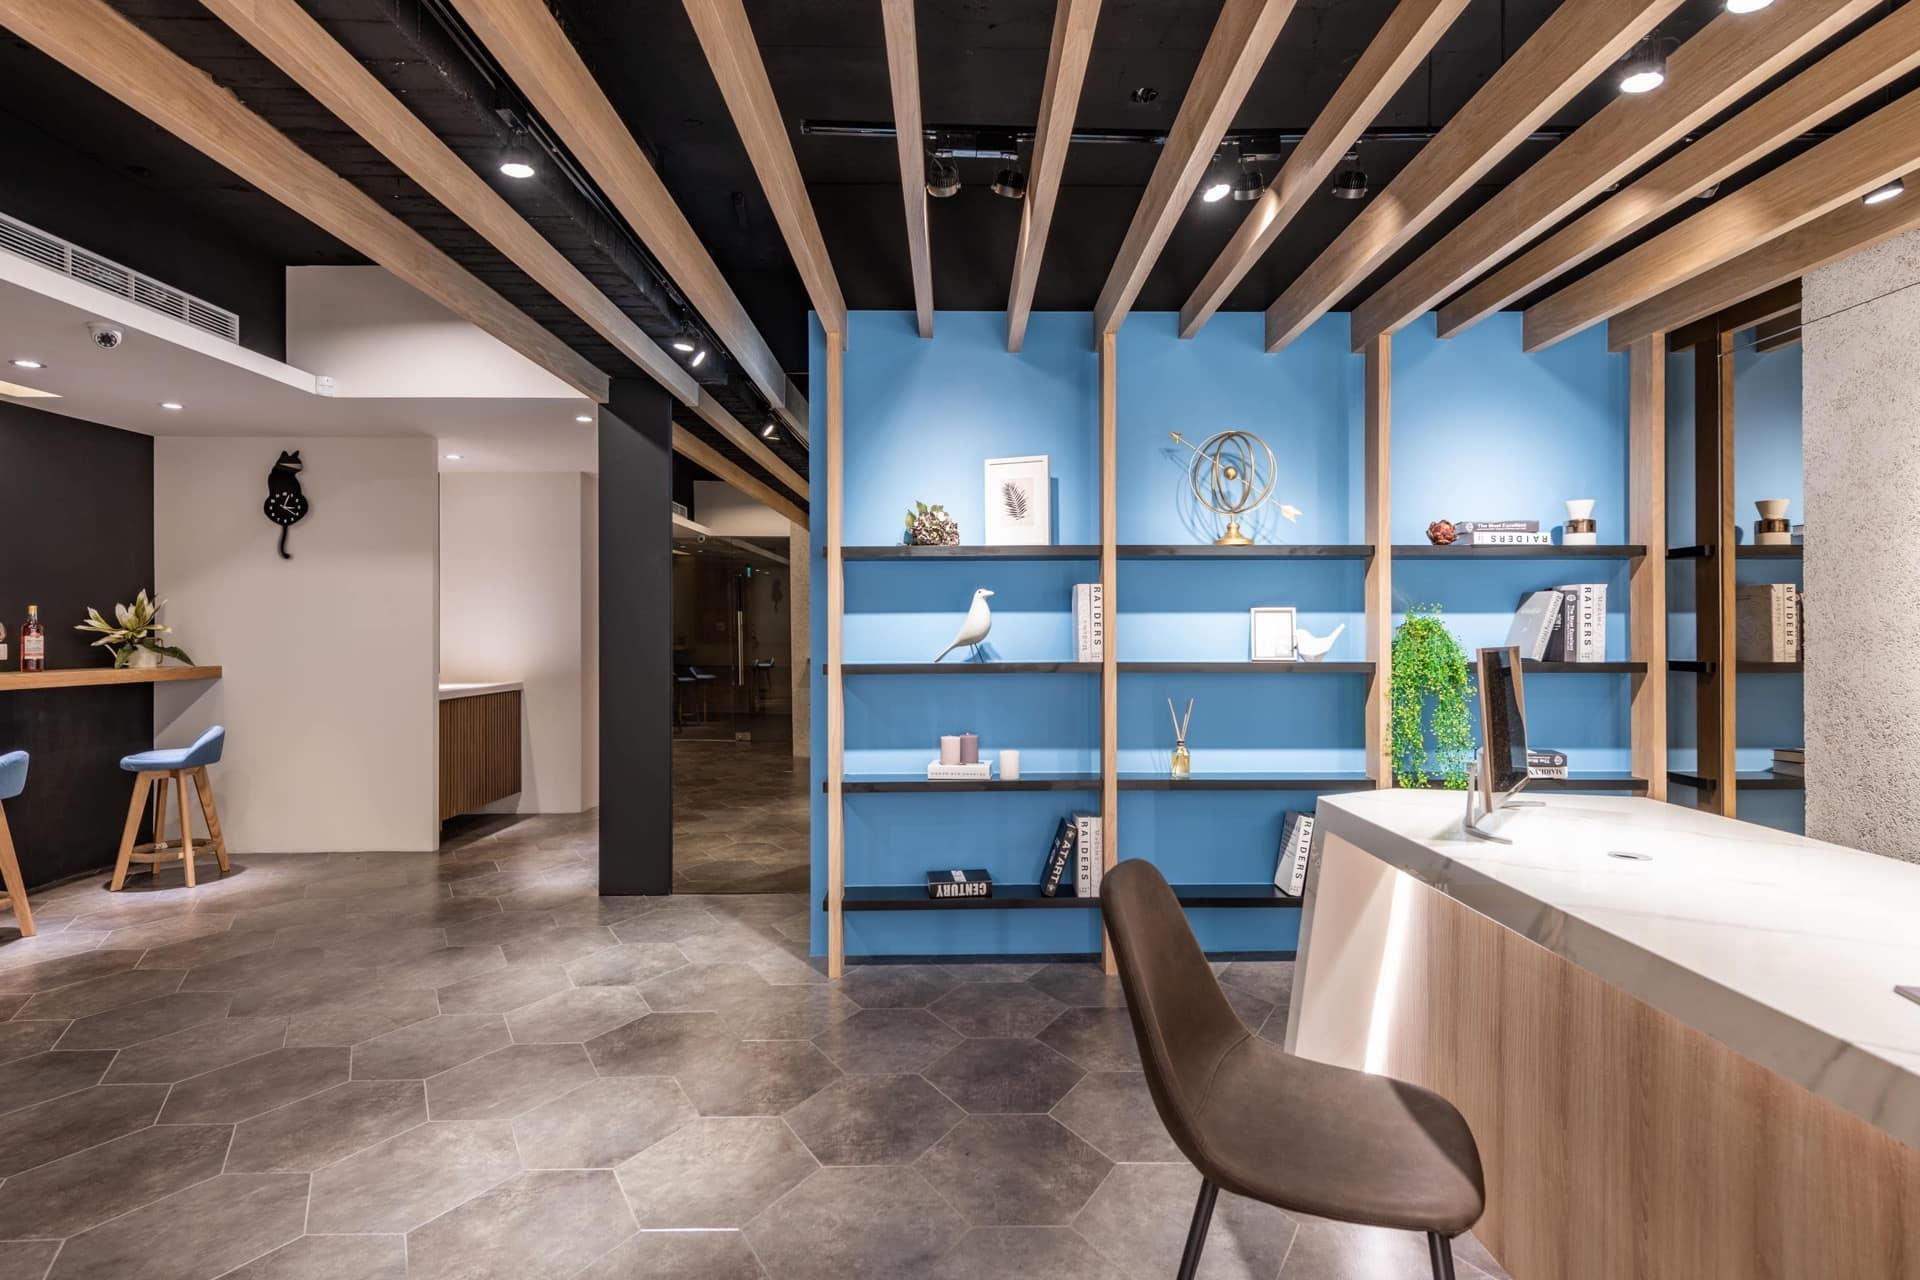 以天晴企業色藍色進行配色的展示書櫃,整體選用合適的家具進行搭配